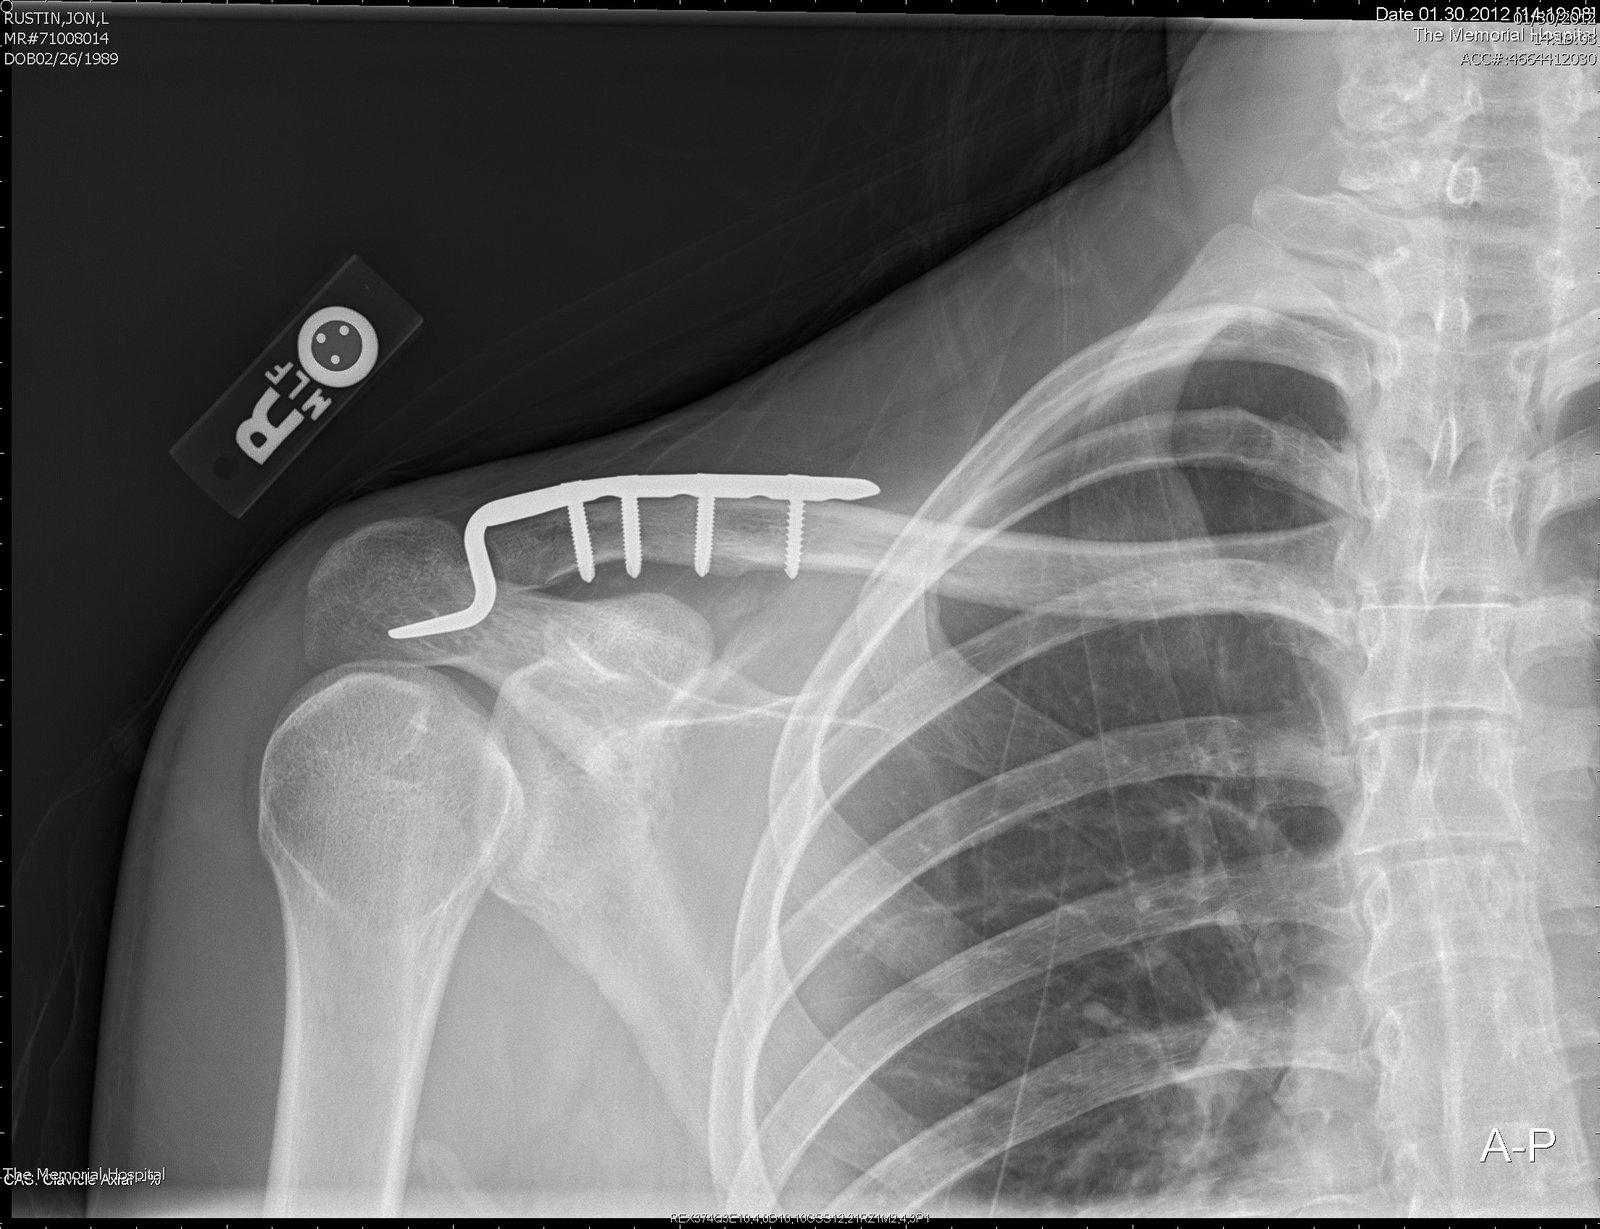 i haz x ray vission